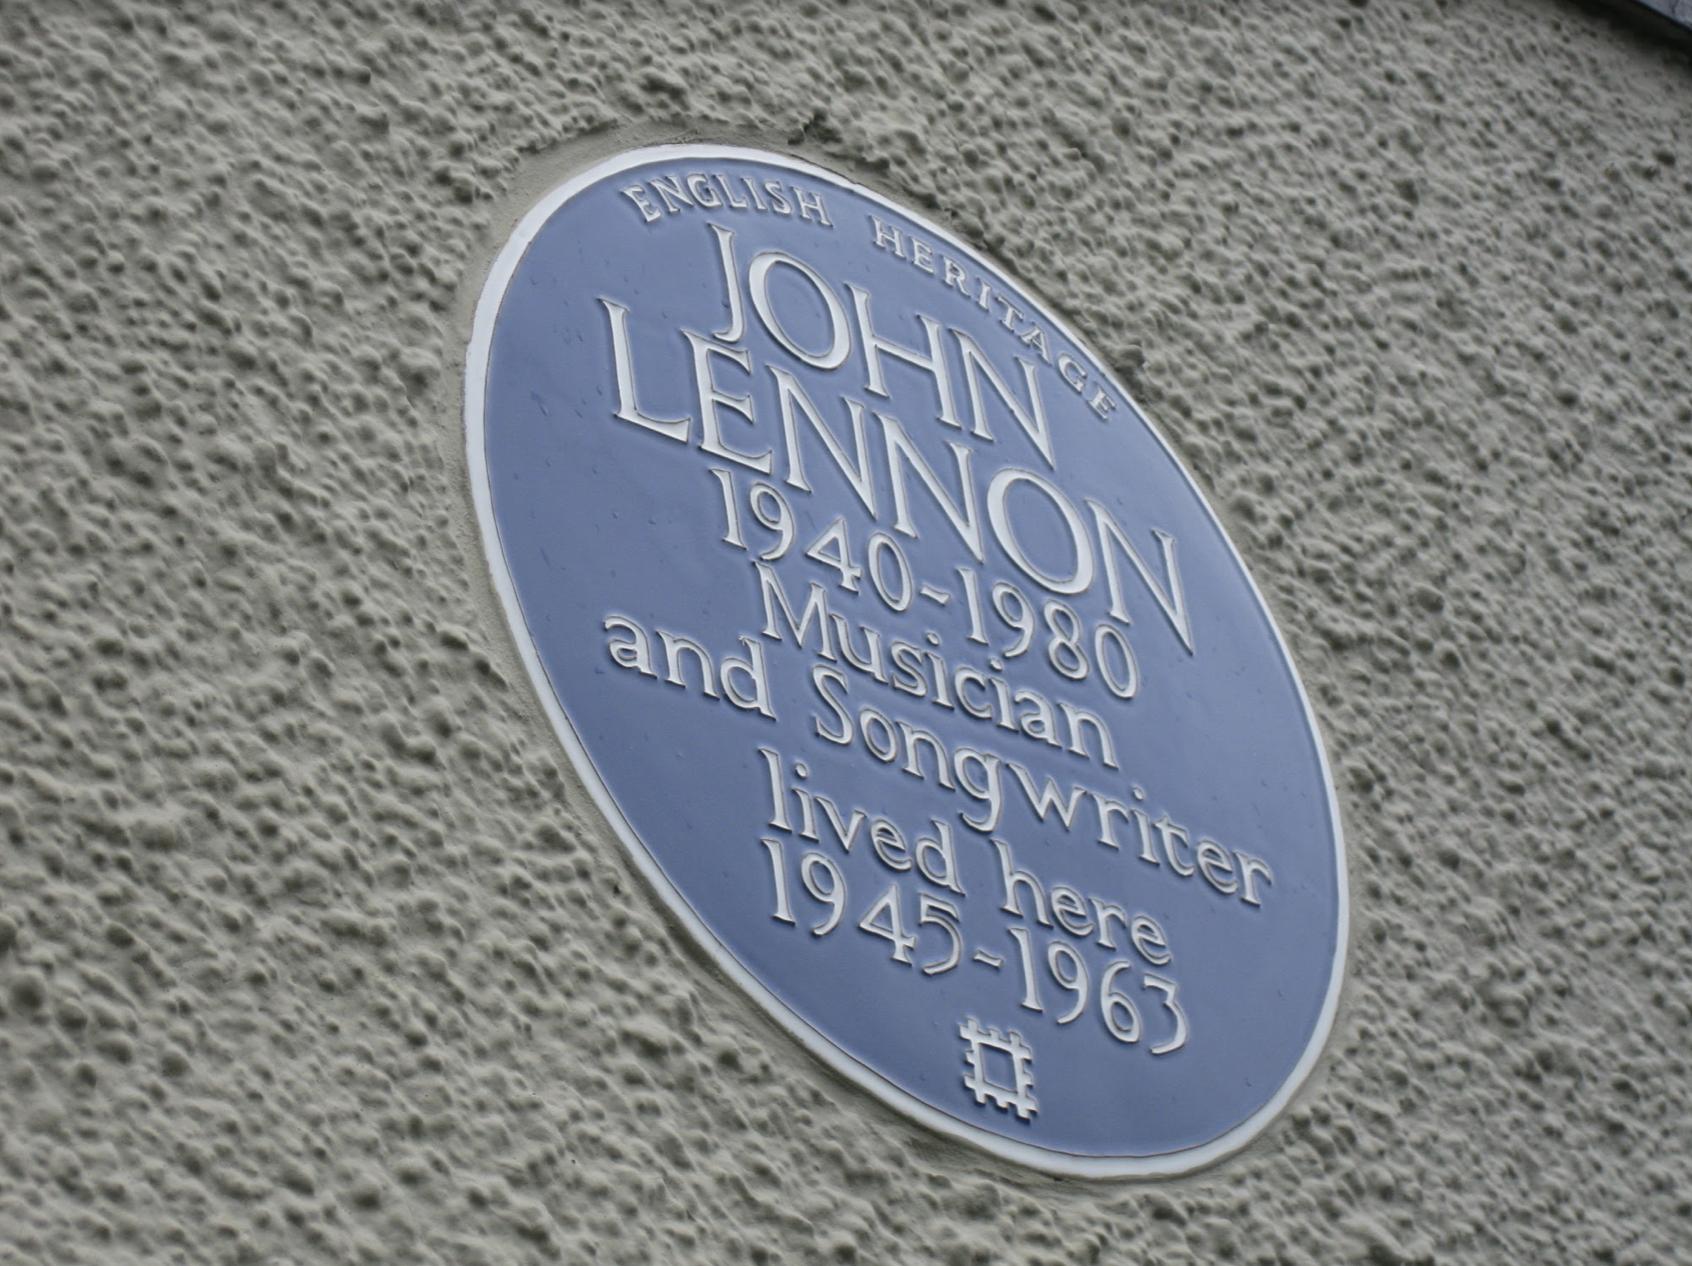 House of John Lennon